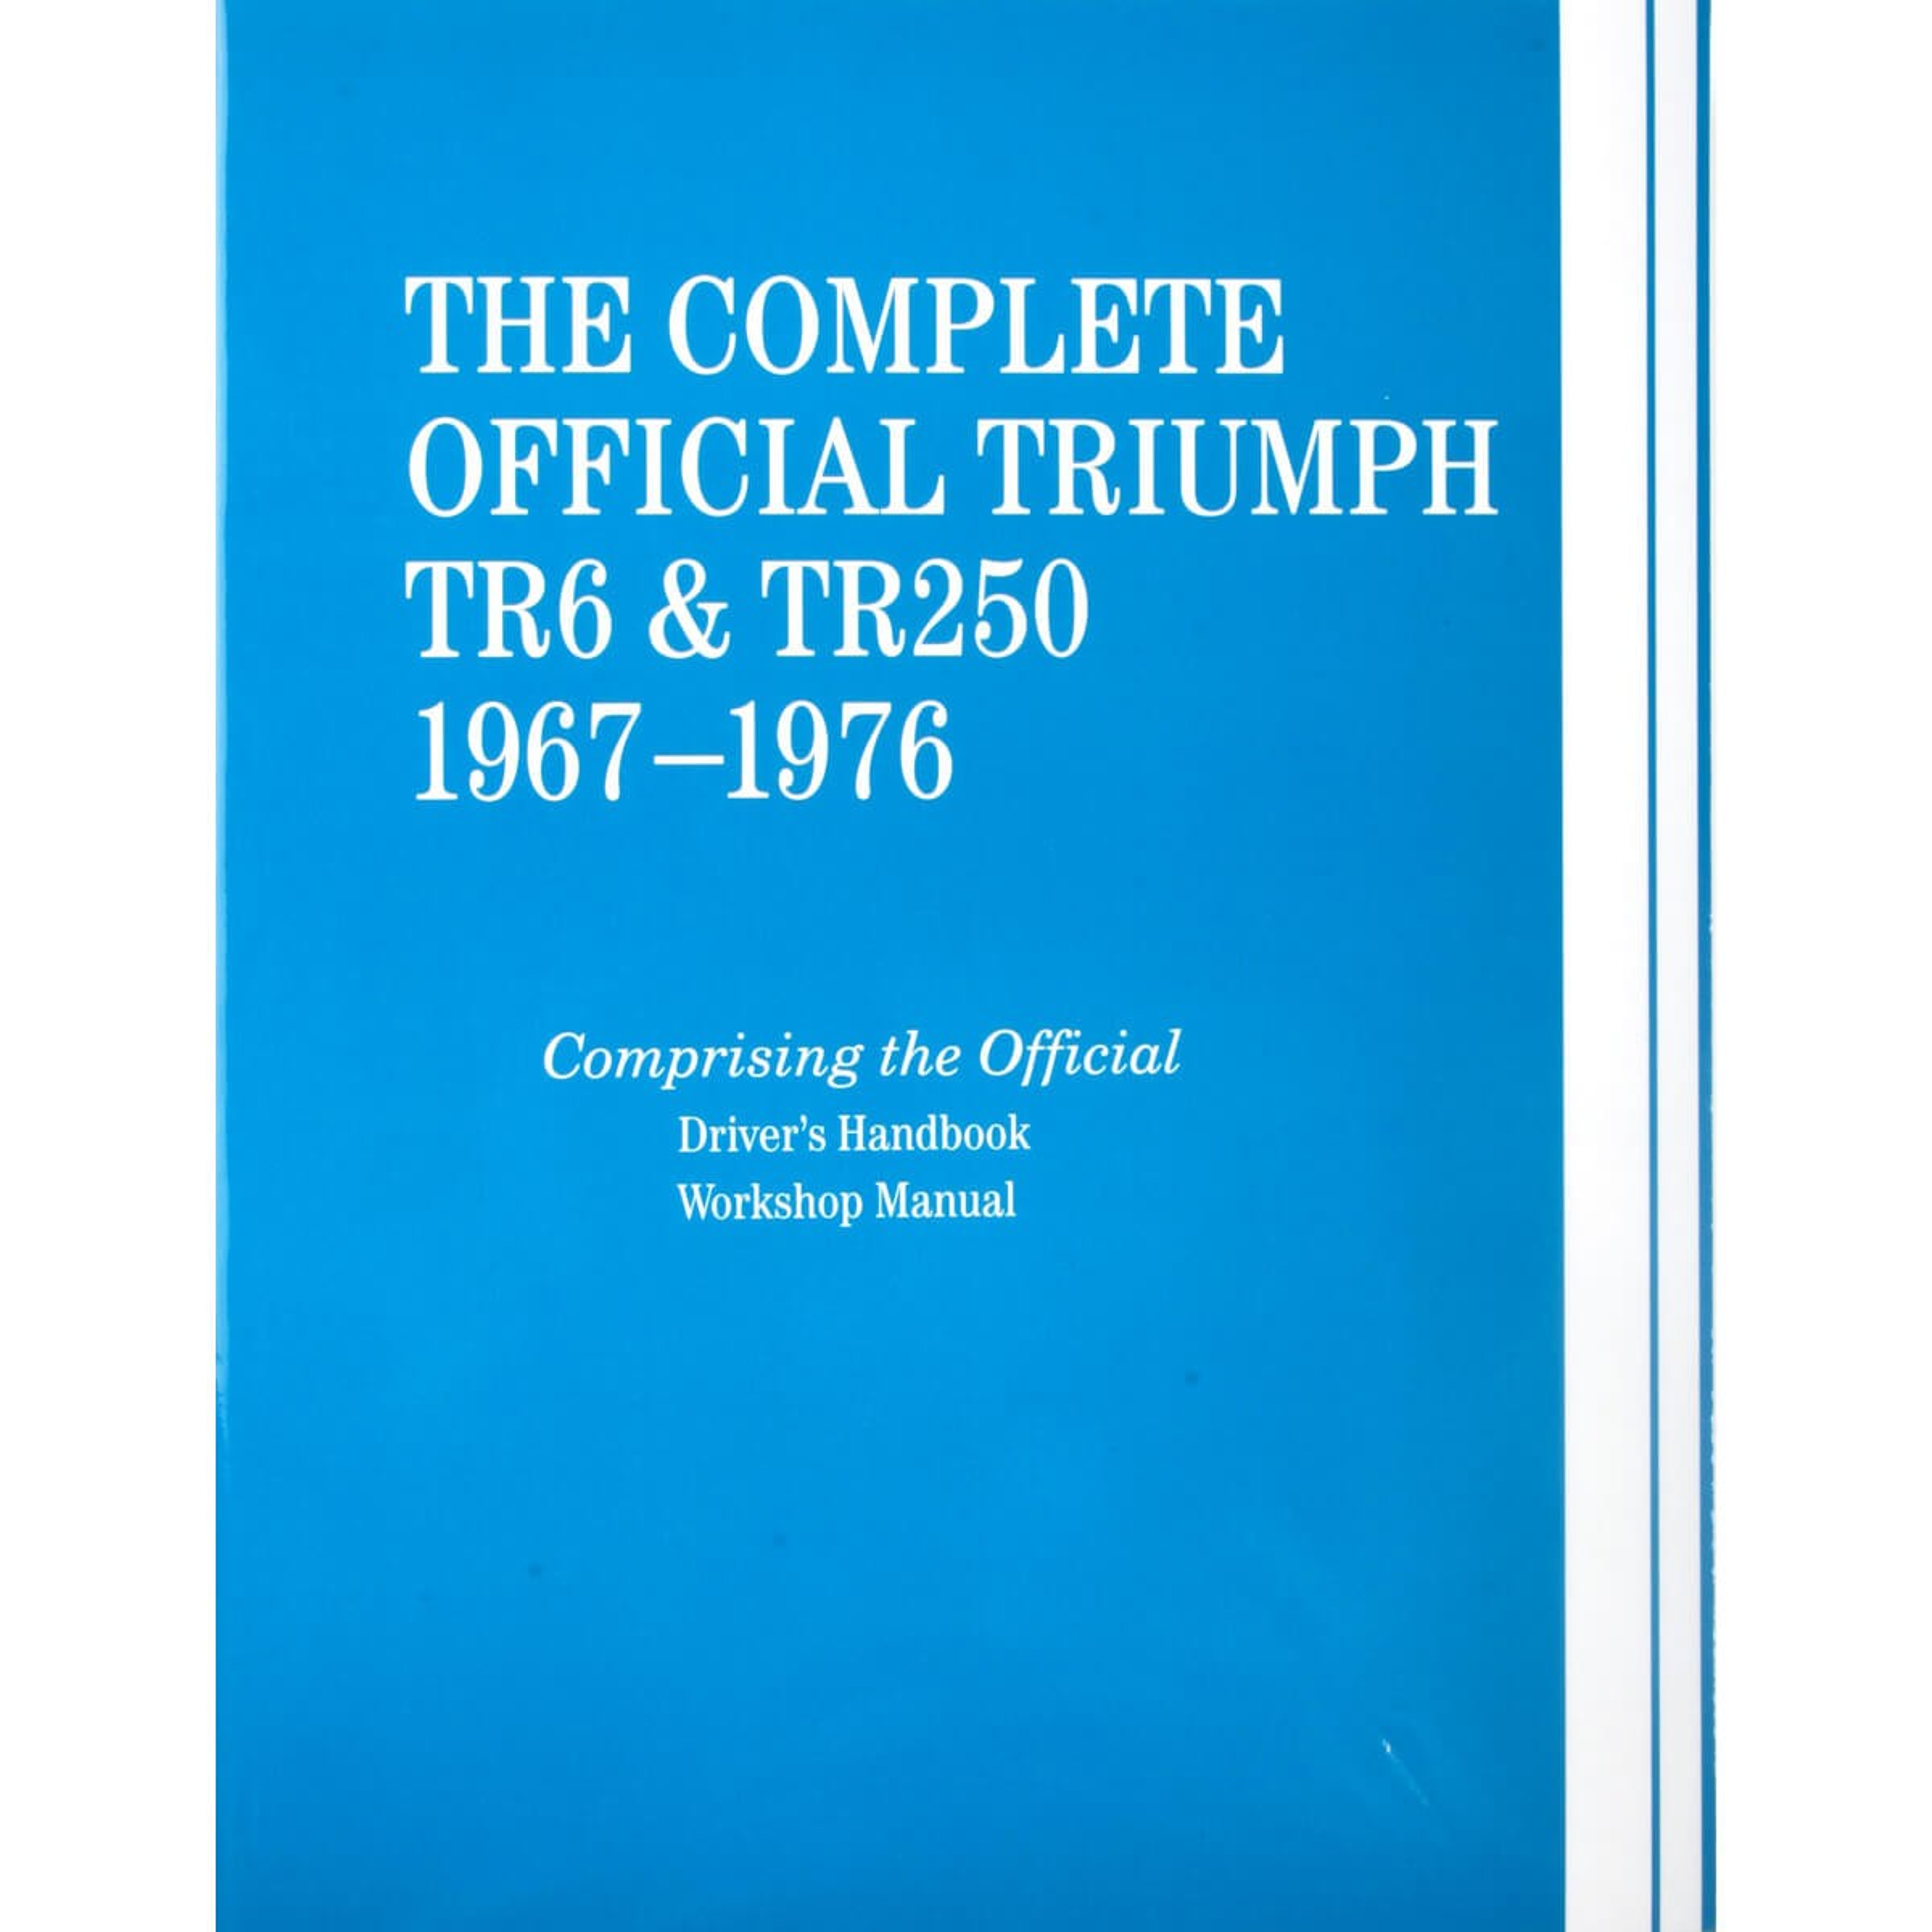 212 780 bentley shop manual tr6 and tr250 moss motors rh mossmotors com 1974 triumph tr6 owners manual triumph tr6 repair manual